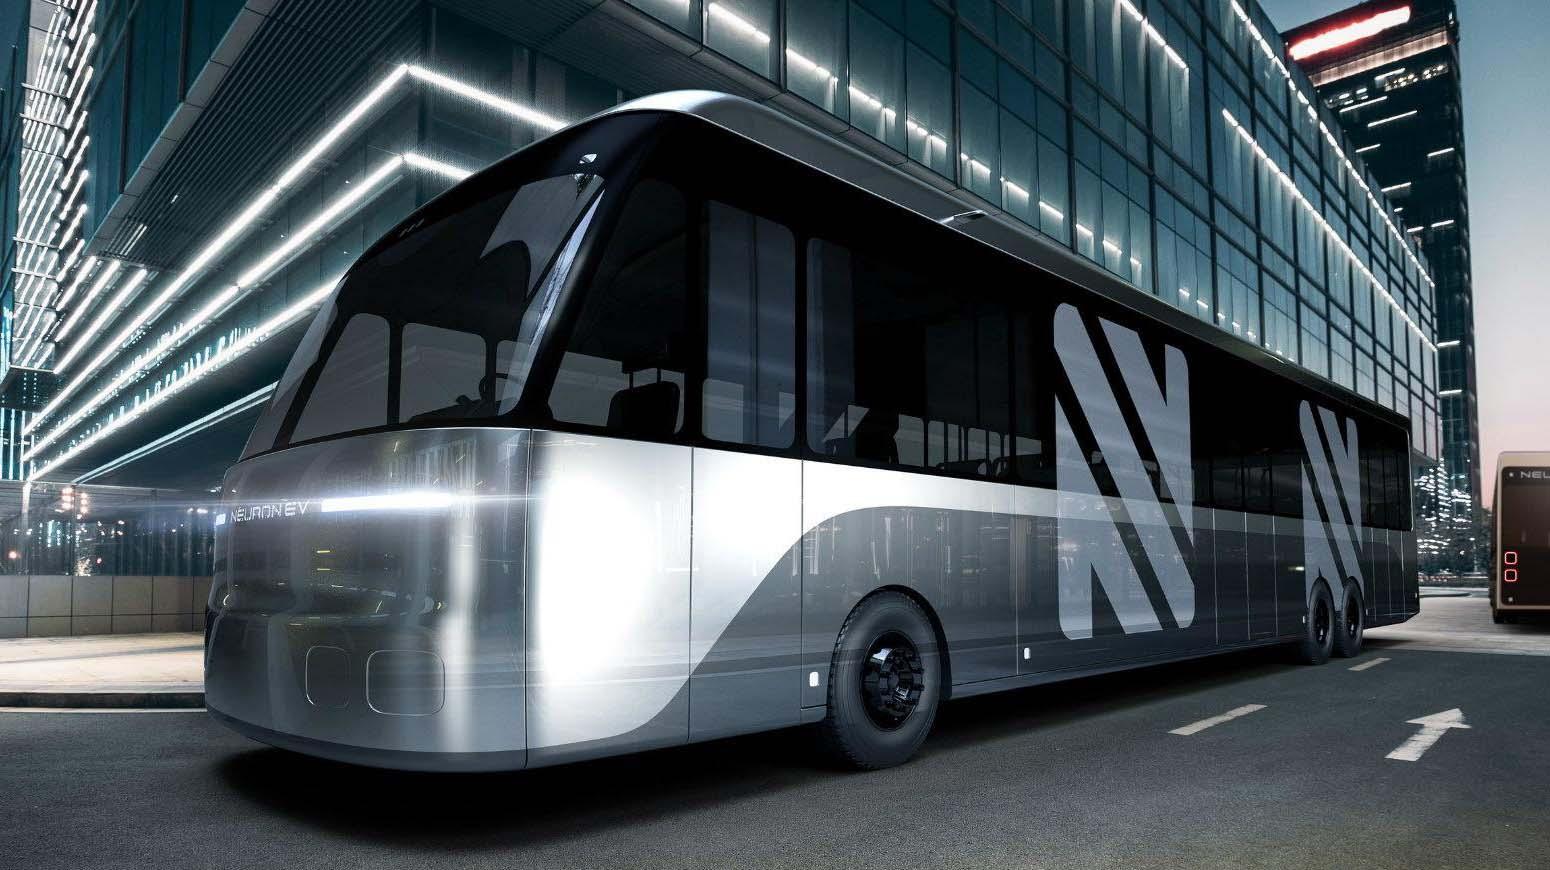 El Neuron Electric Bus es un autobús eléctrico con una versatilidad sorprendente